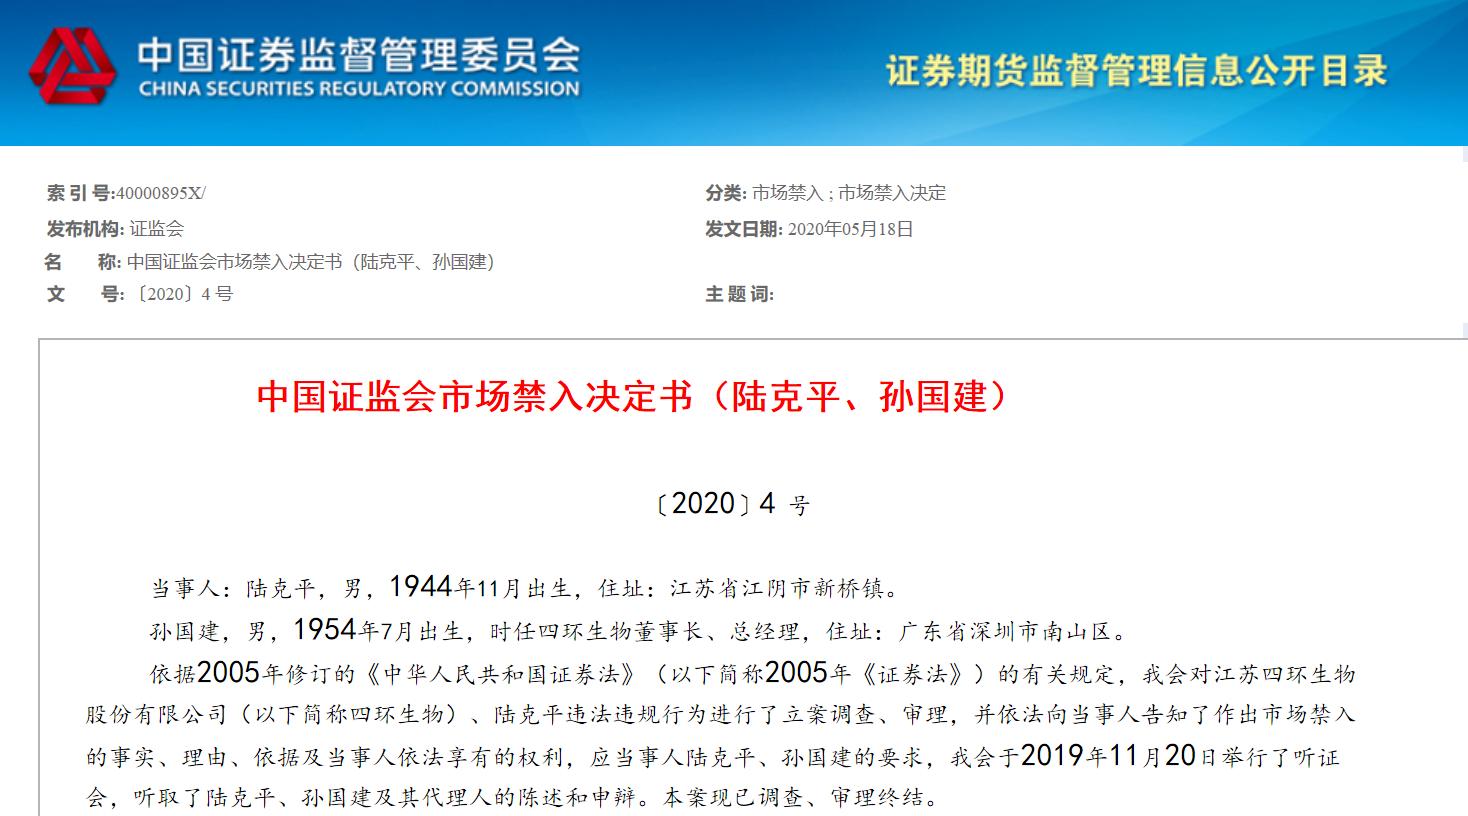 陆克平败局:阳光集团负债破百亿 资本帝国只余江苏阳光图片